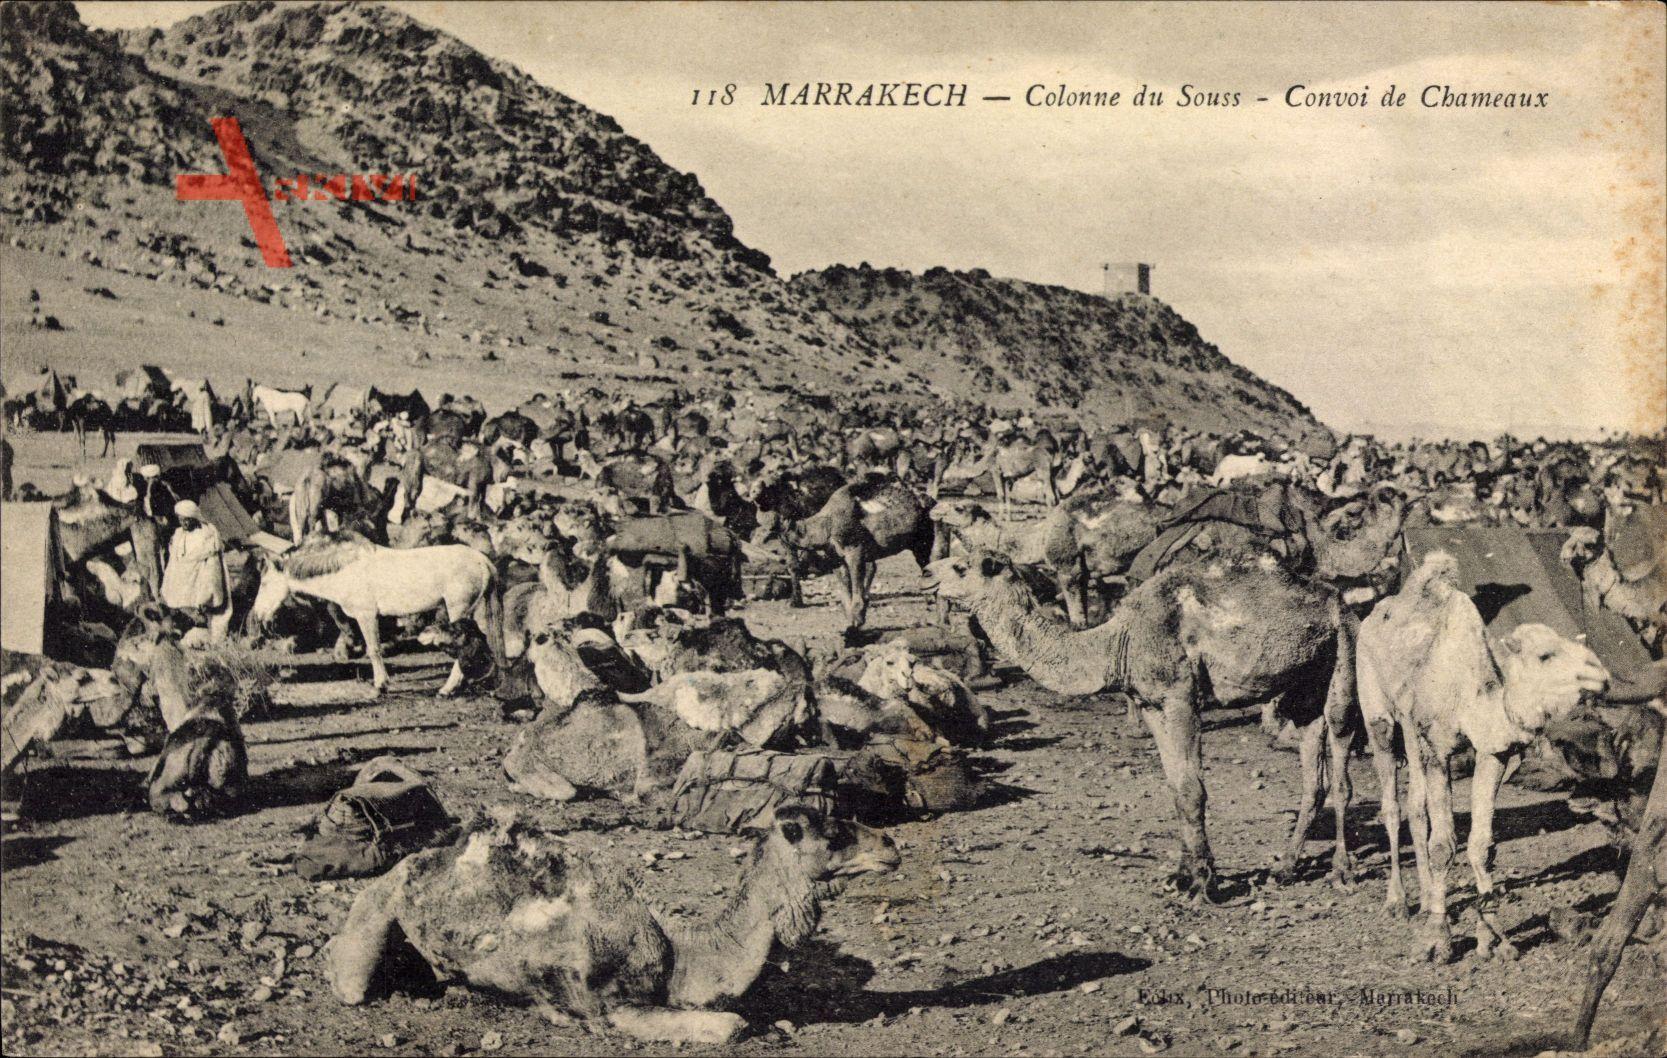 Marrakesch Marokko, Colonne du Souss, Convoi de Chameaux